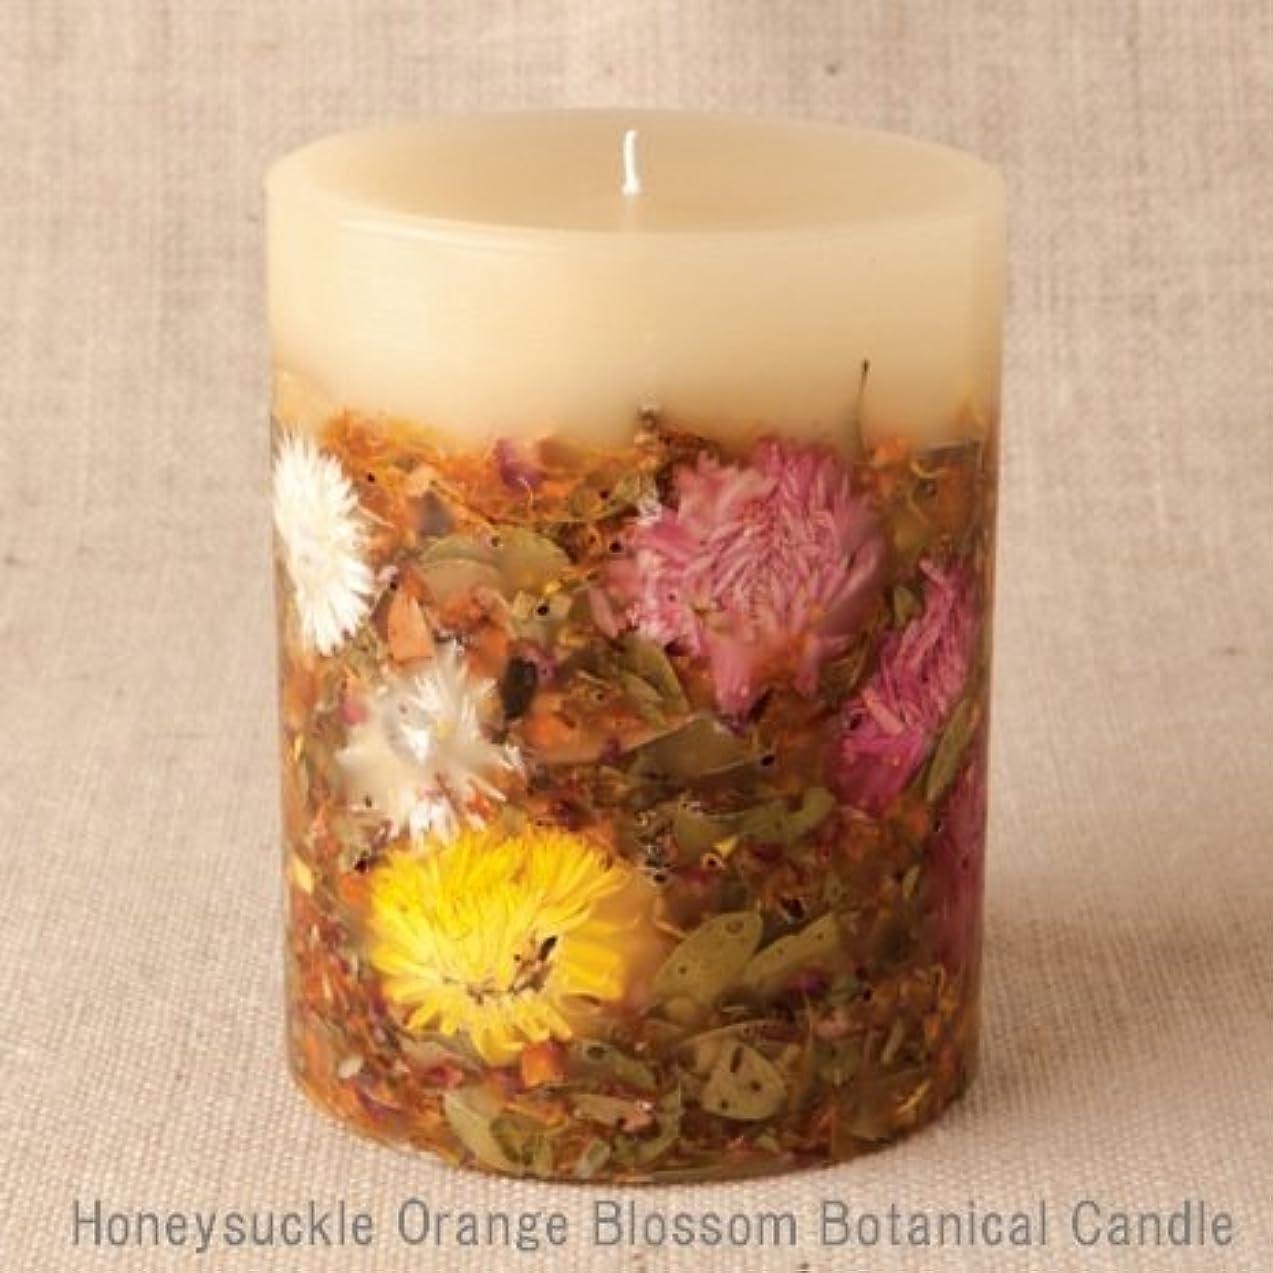 ビヨン支配的彼女は【Rosy Rings ロージーリングス】 Botanical candle キャンドル ハニーサックルオレンジ&ブロッサム